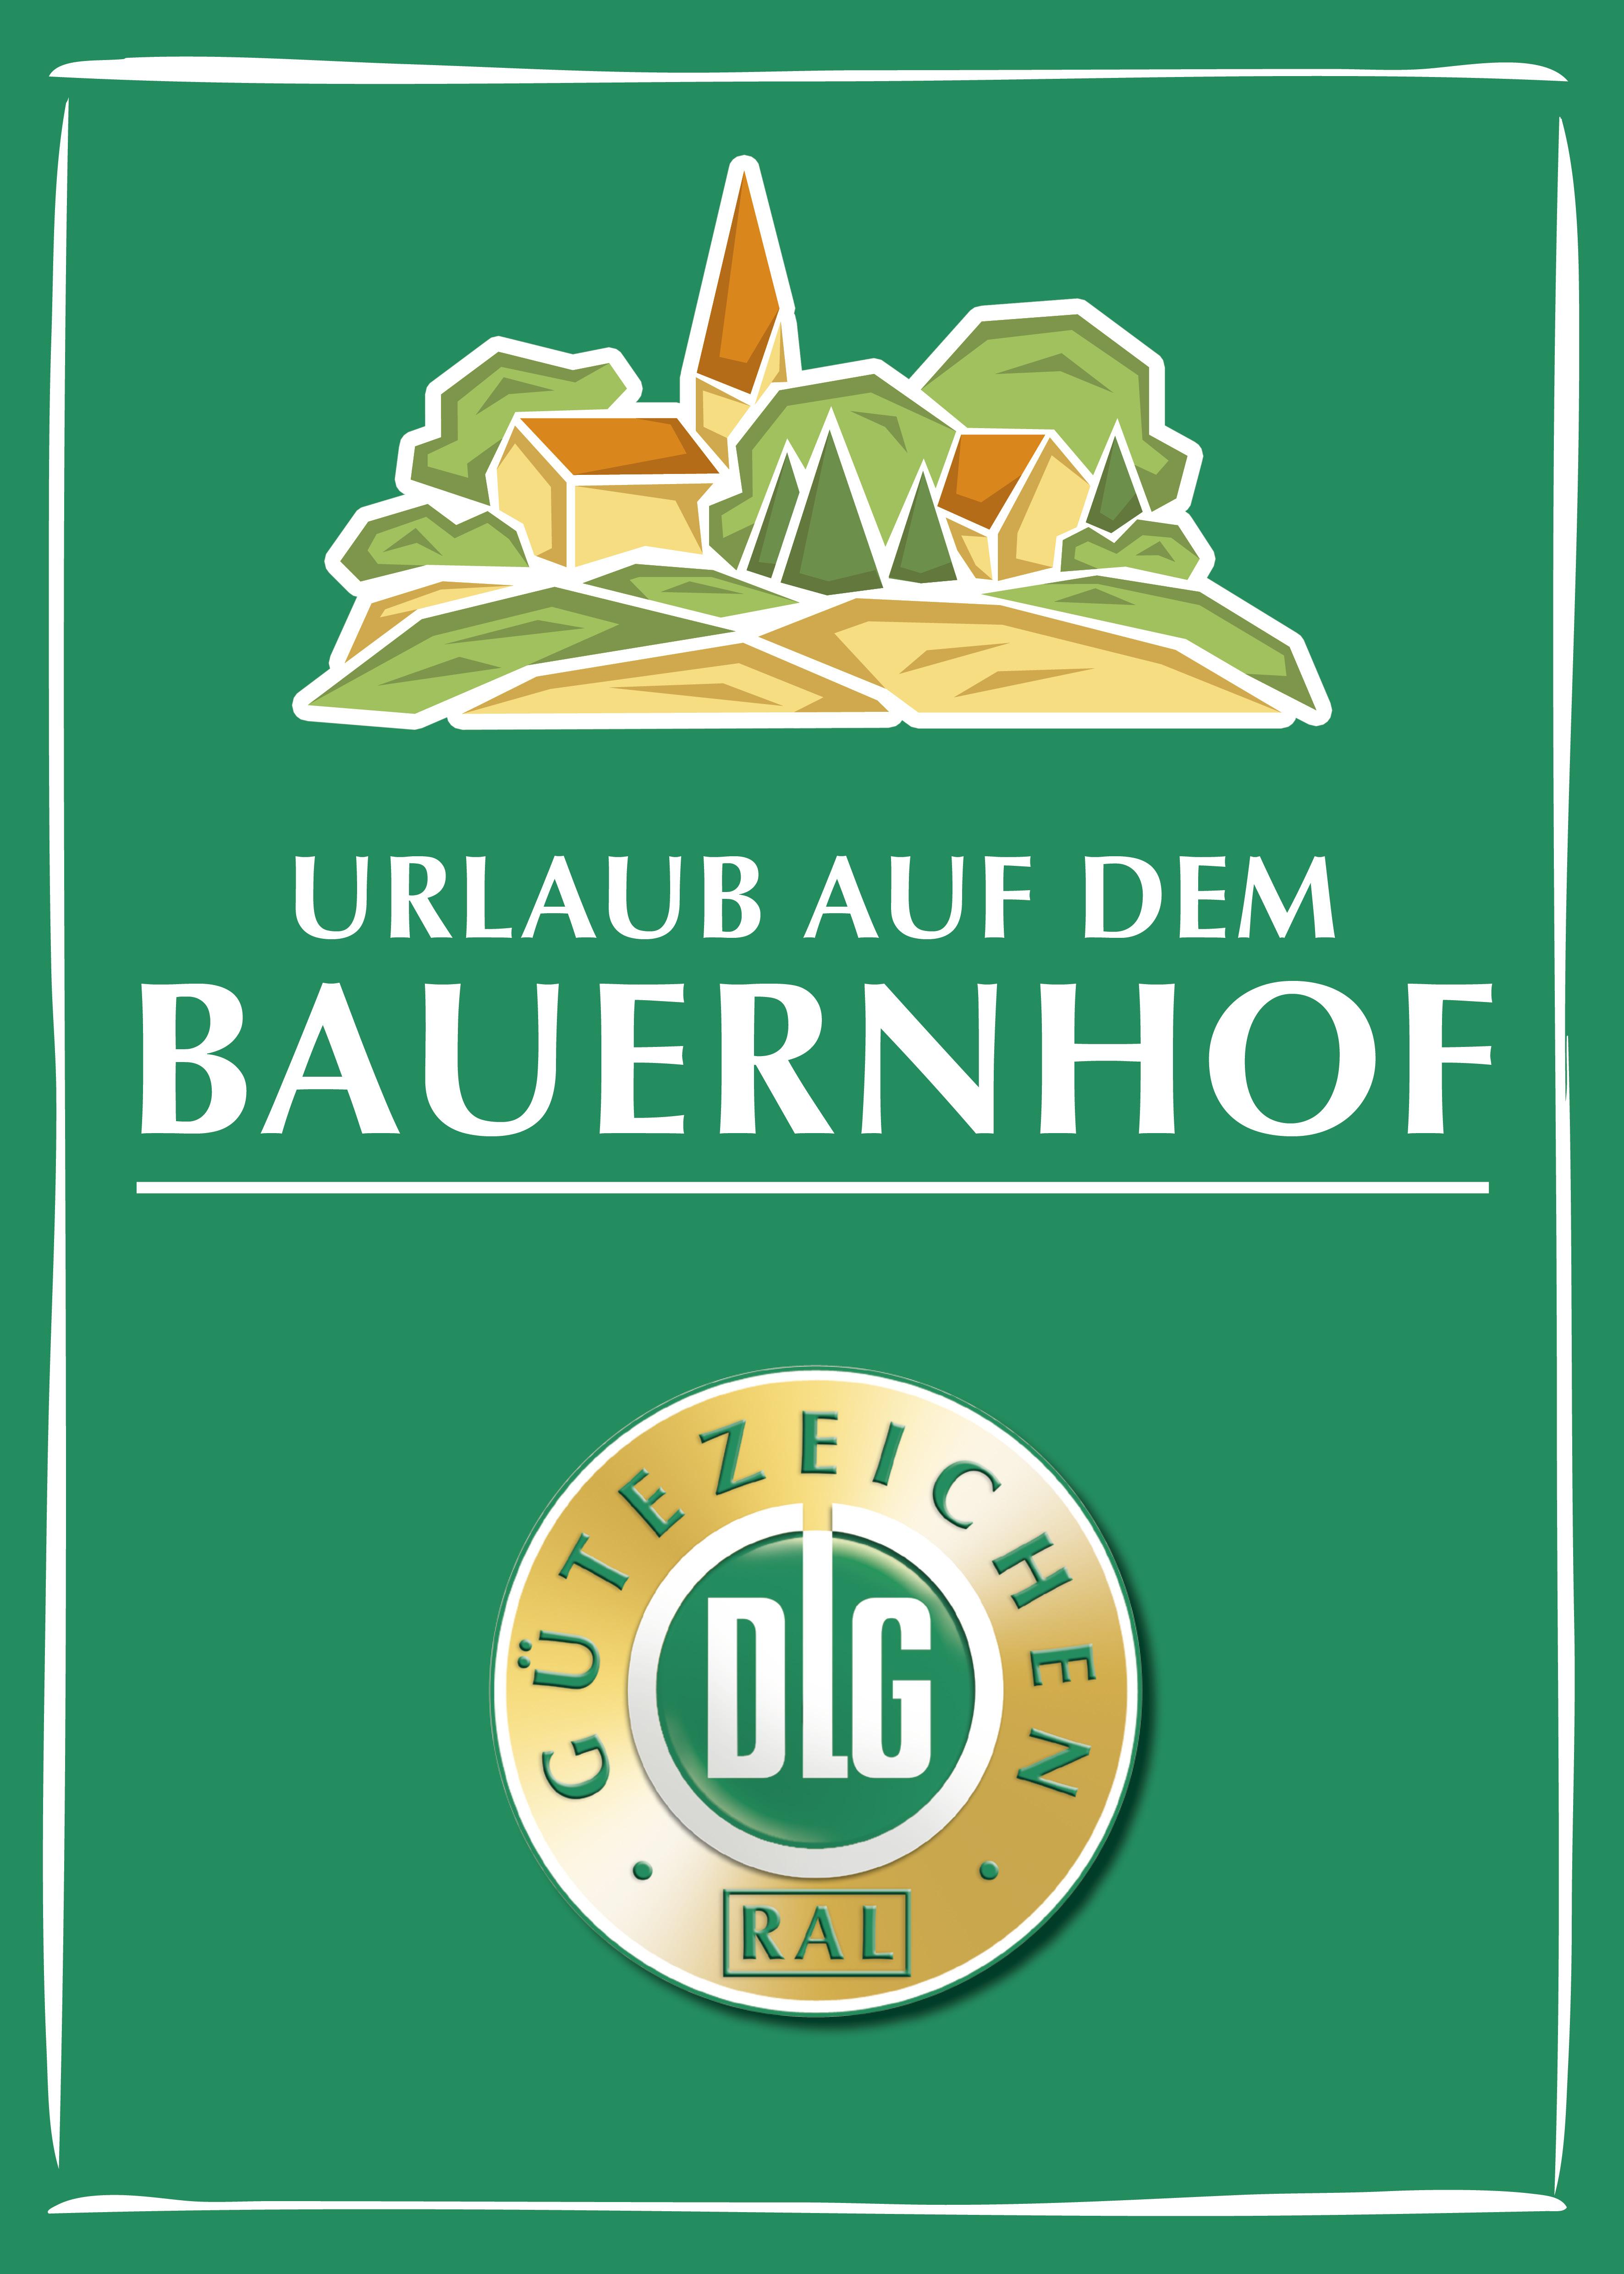 DLG-Logo für Urlaub auf dem Bauernhof